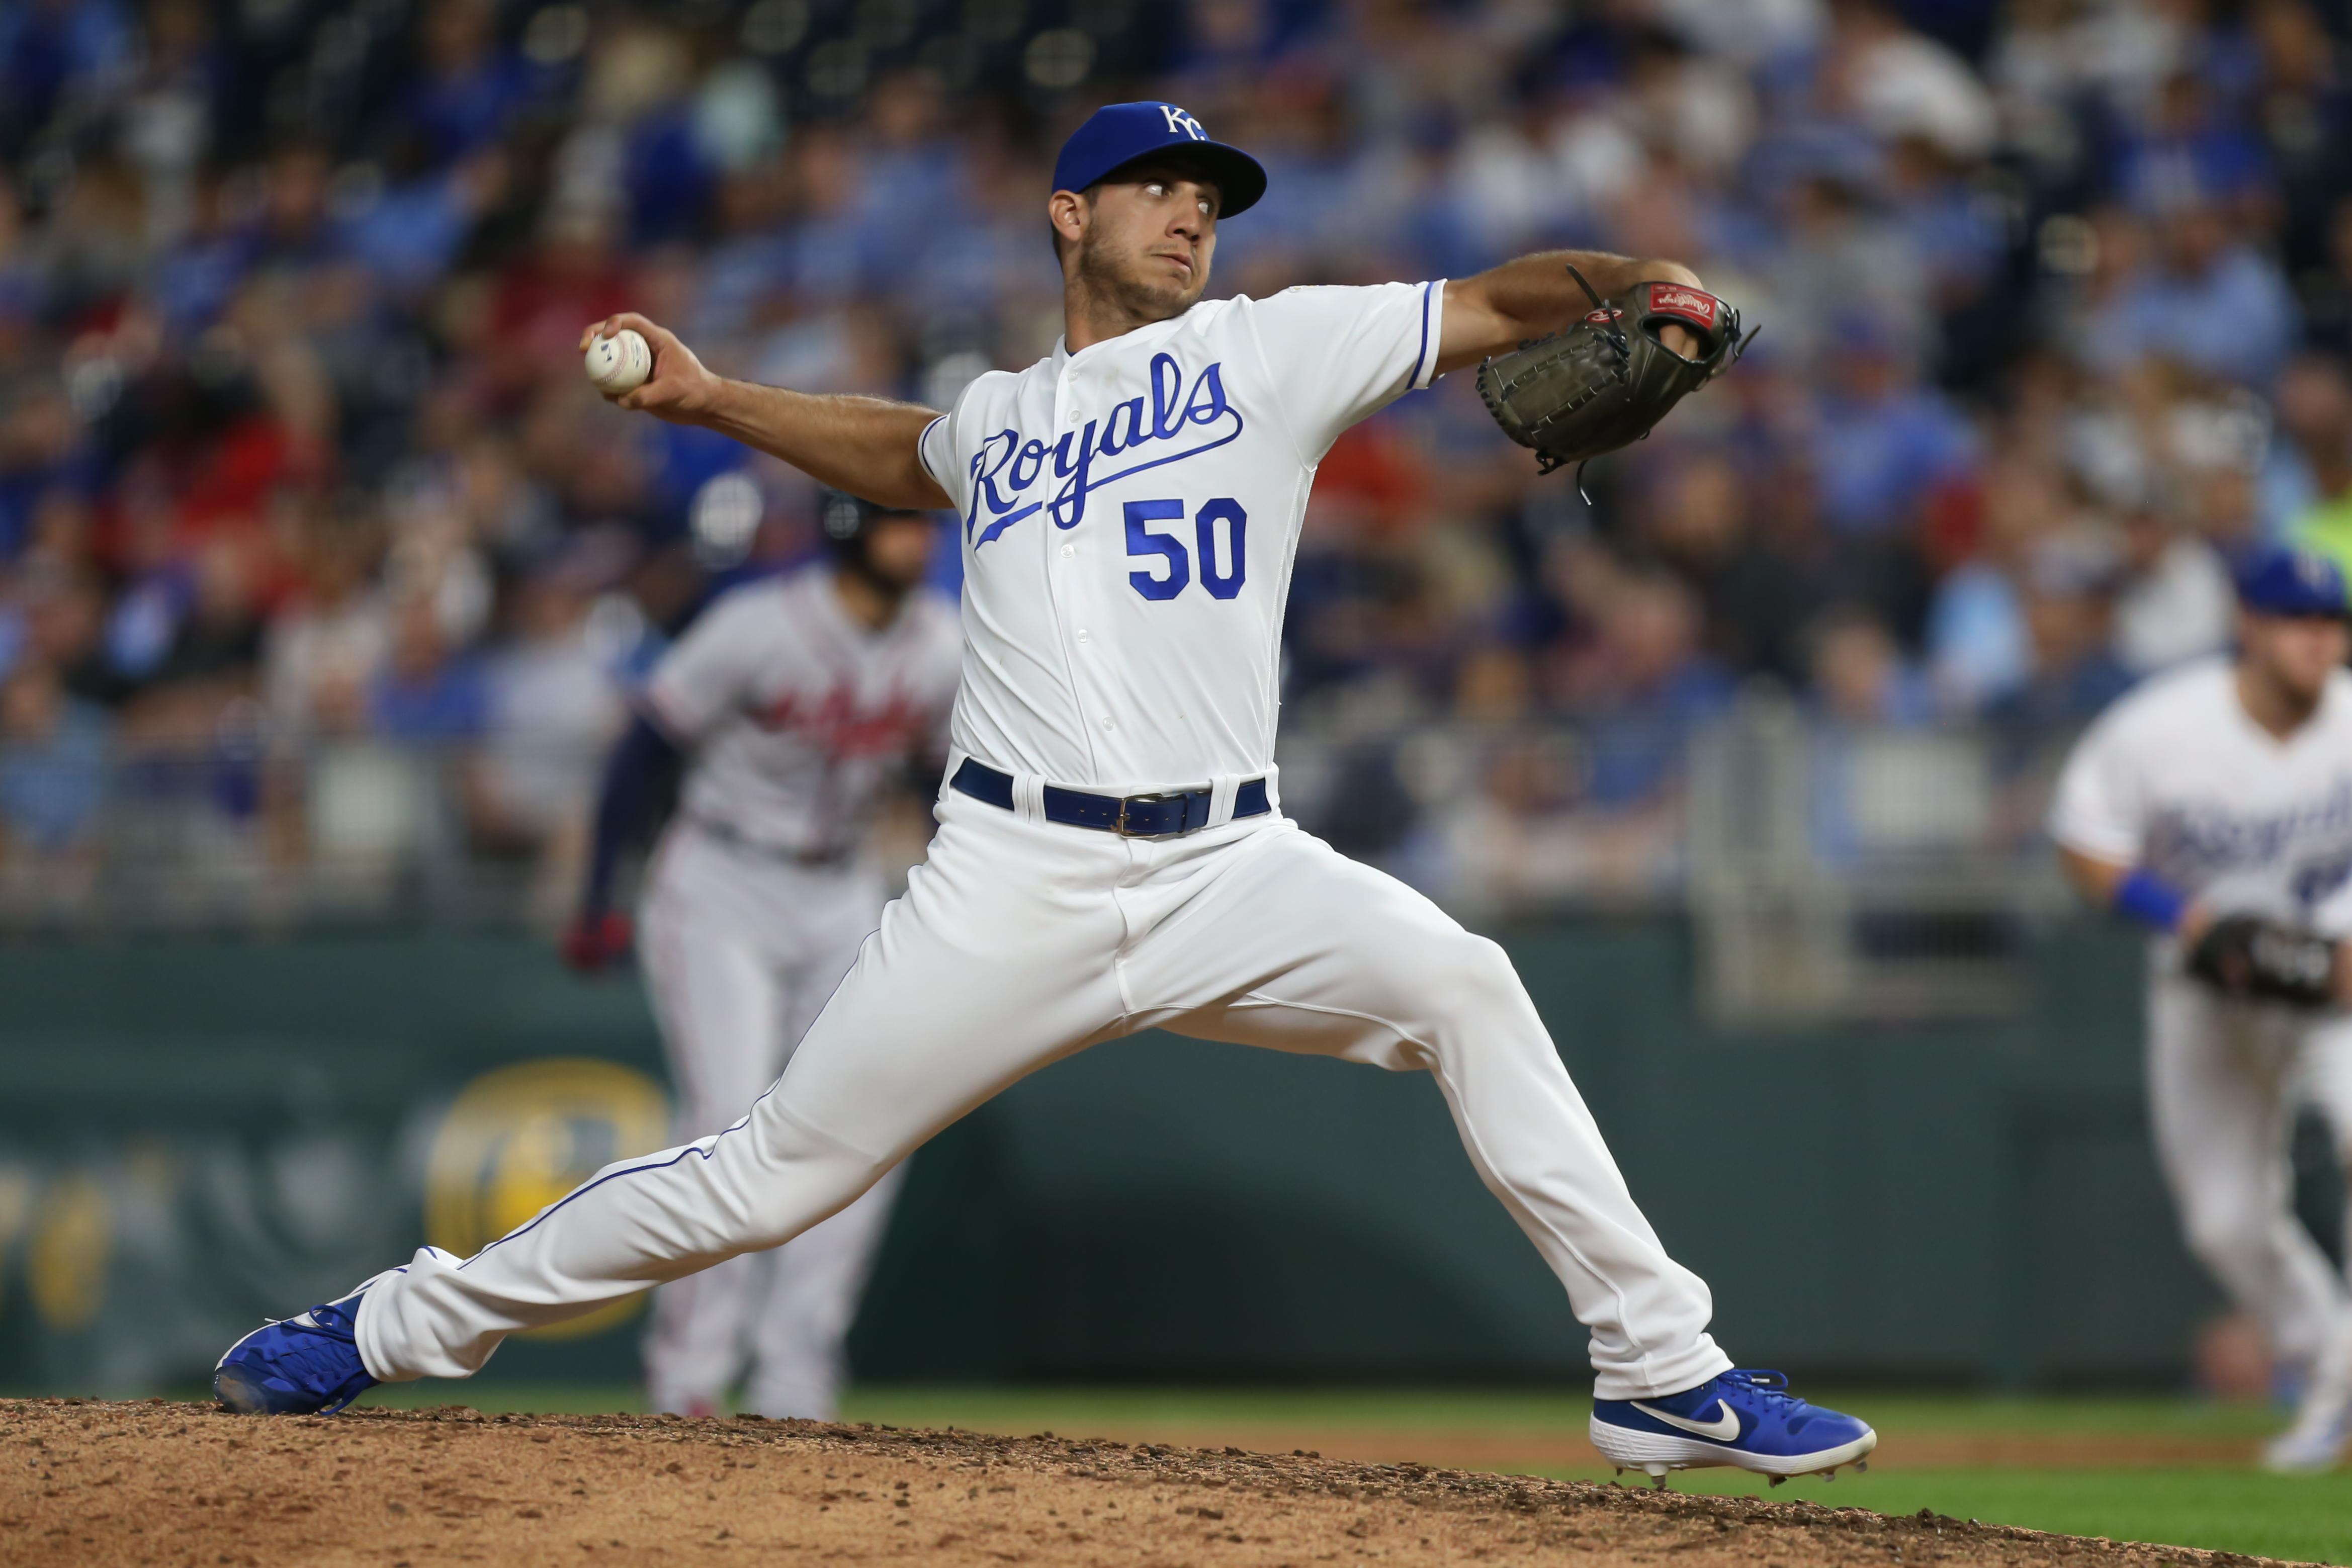 MLB: SEP 25 Braves at Royals